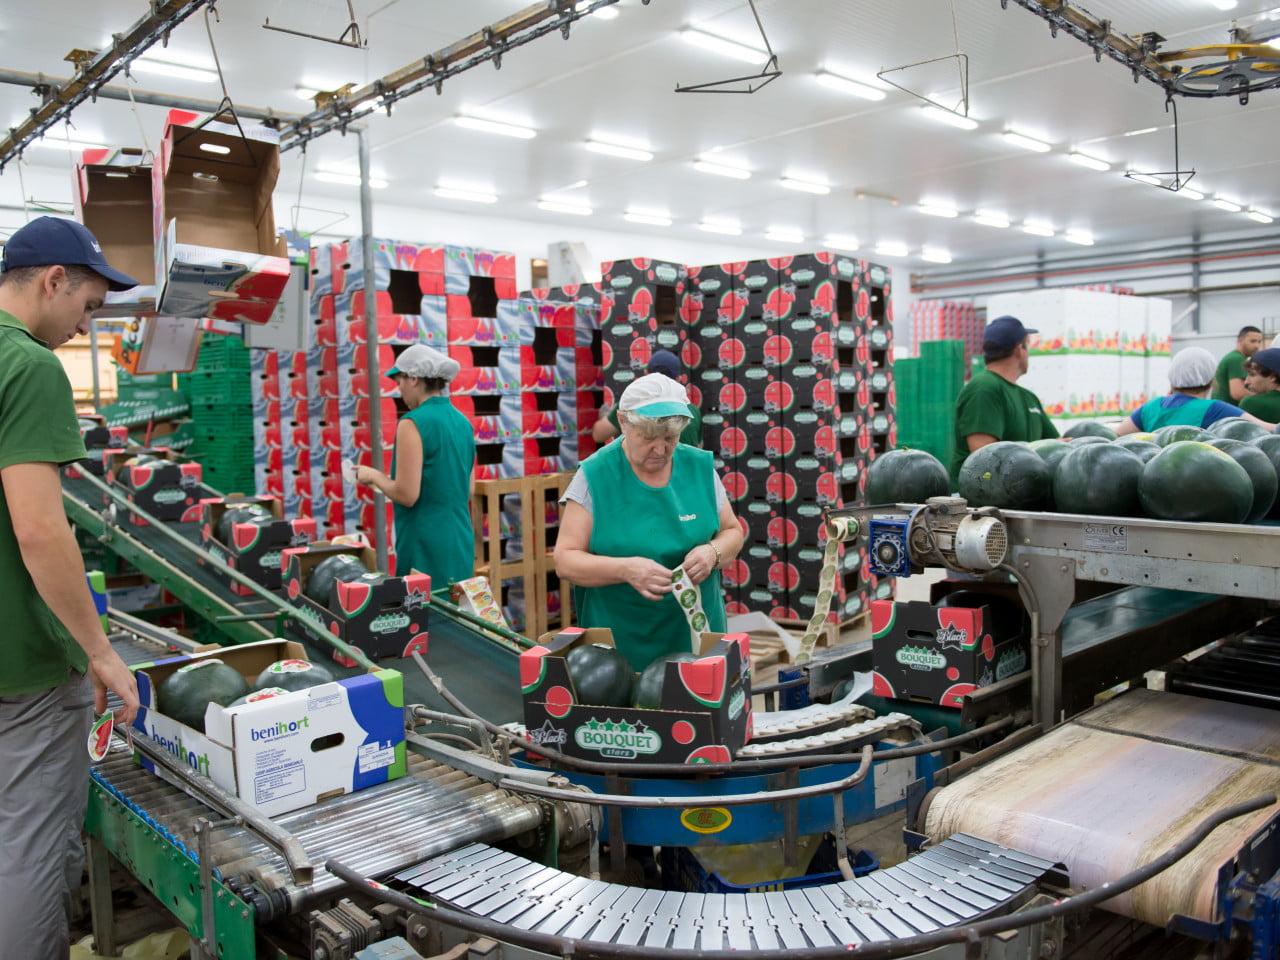 La Cooperativa Agrícola Benihort incrementó su volumen de negocio un 5,75% en 2019